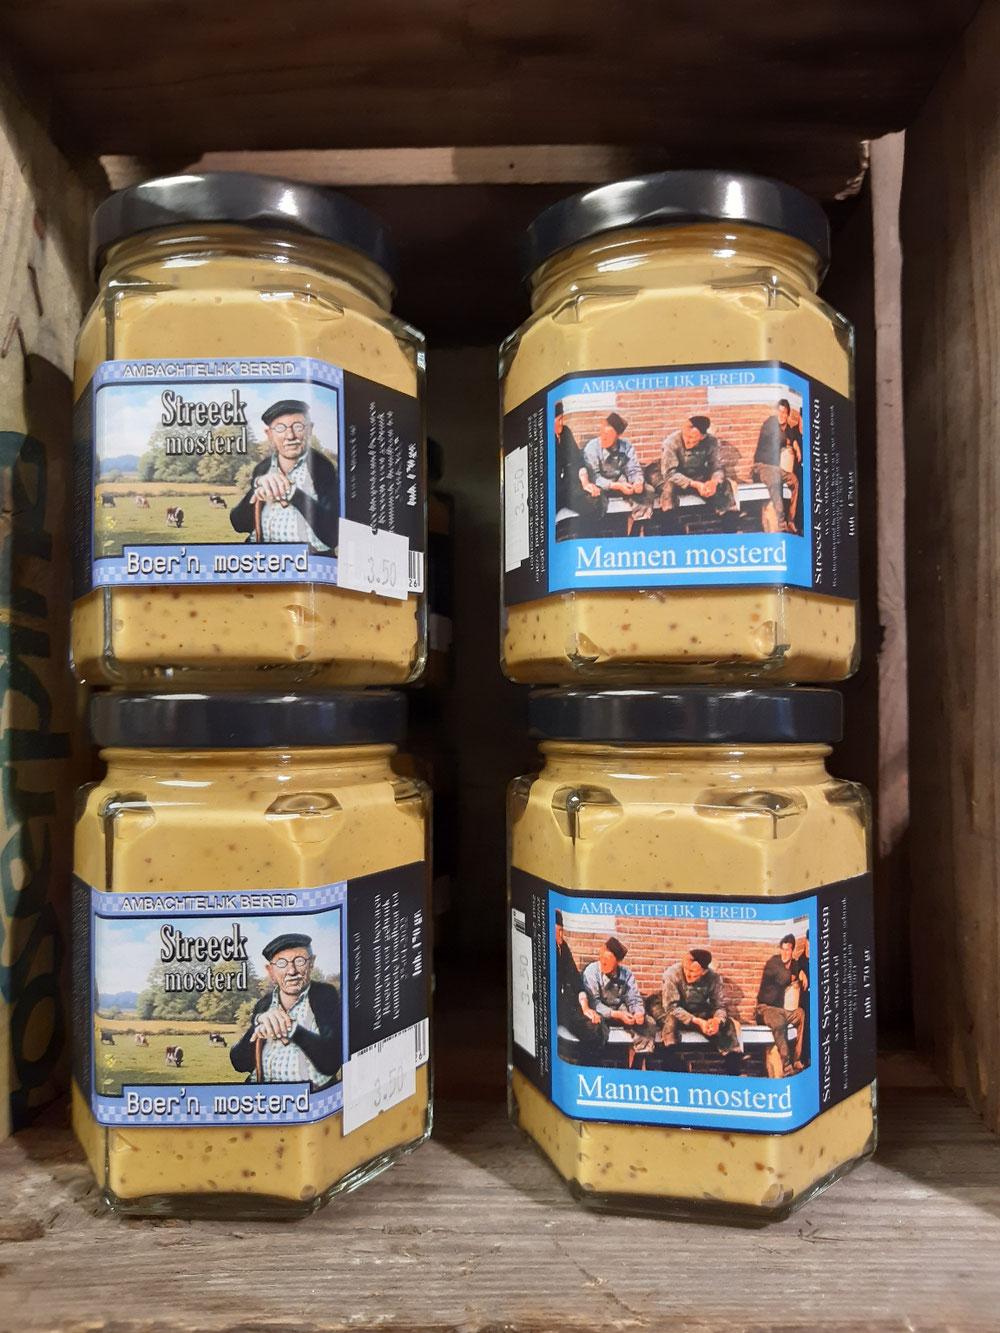 Lekkere boeren mosterd en mannen mosterd lekker bij de worst